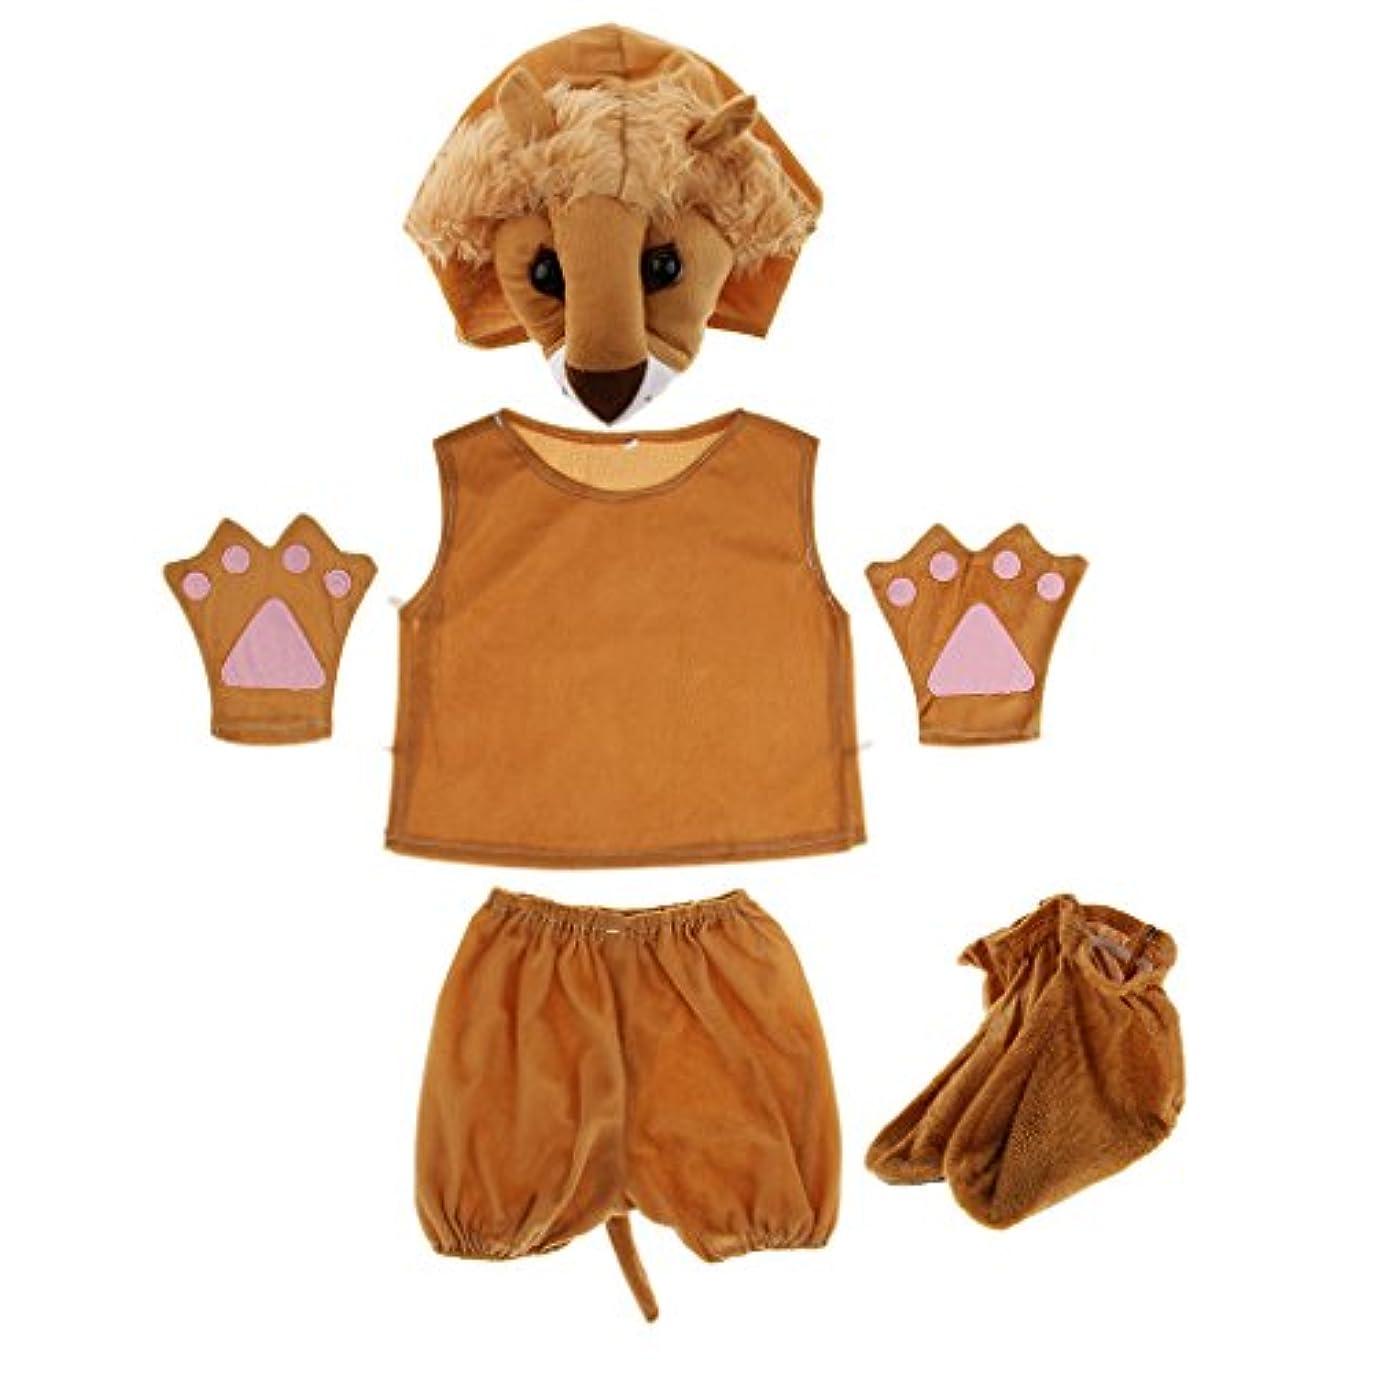 いろいろ焼く編集するFlameer 動物模様 コスプレ衣装 子供 キッズ 帽子 手袋 靴 シャツ ショートパンツ 想像力を刺激 舞台 ハロウィーン      - ライオン